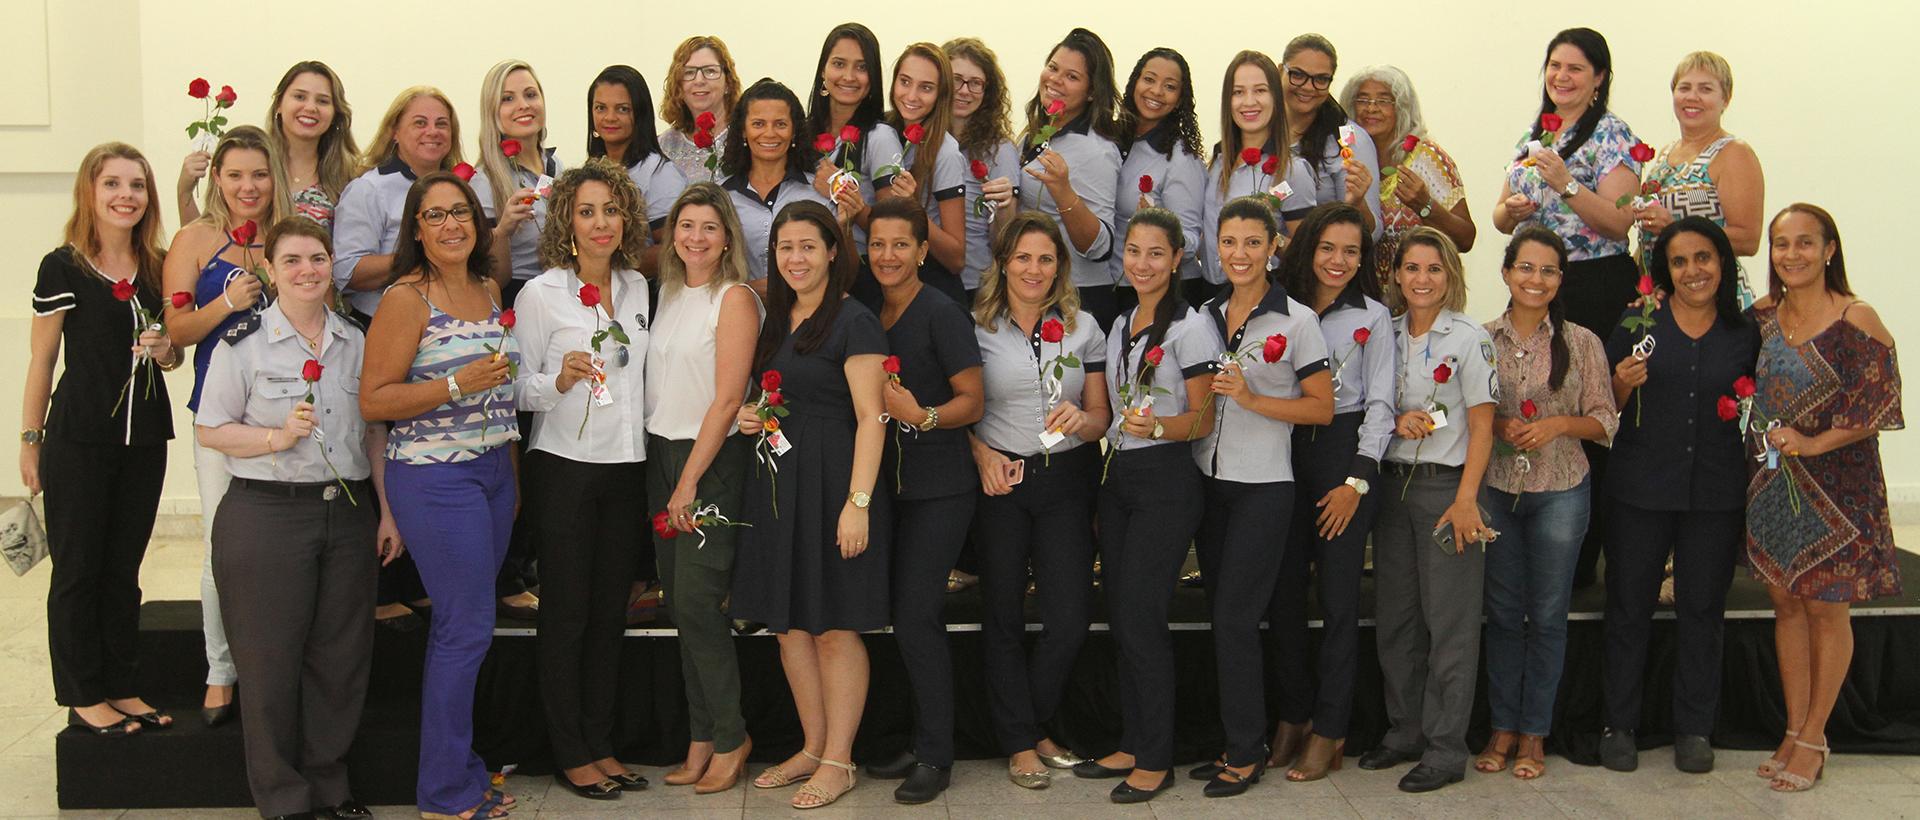 Aspomires homenageia colaboradoras e parceiras no Dia Internacional da Mulher